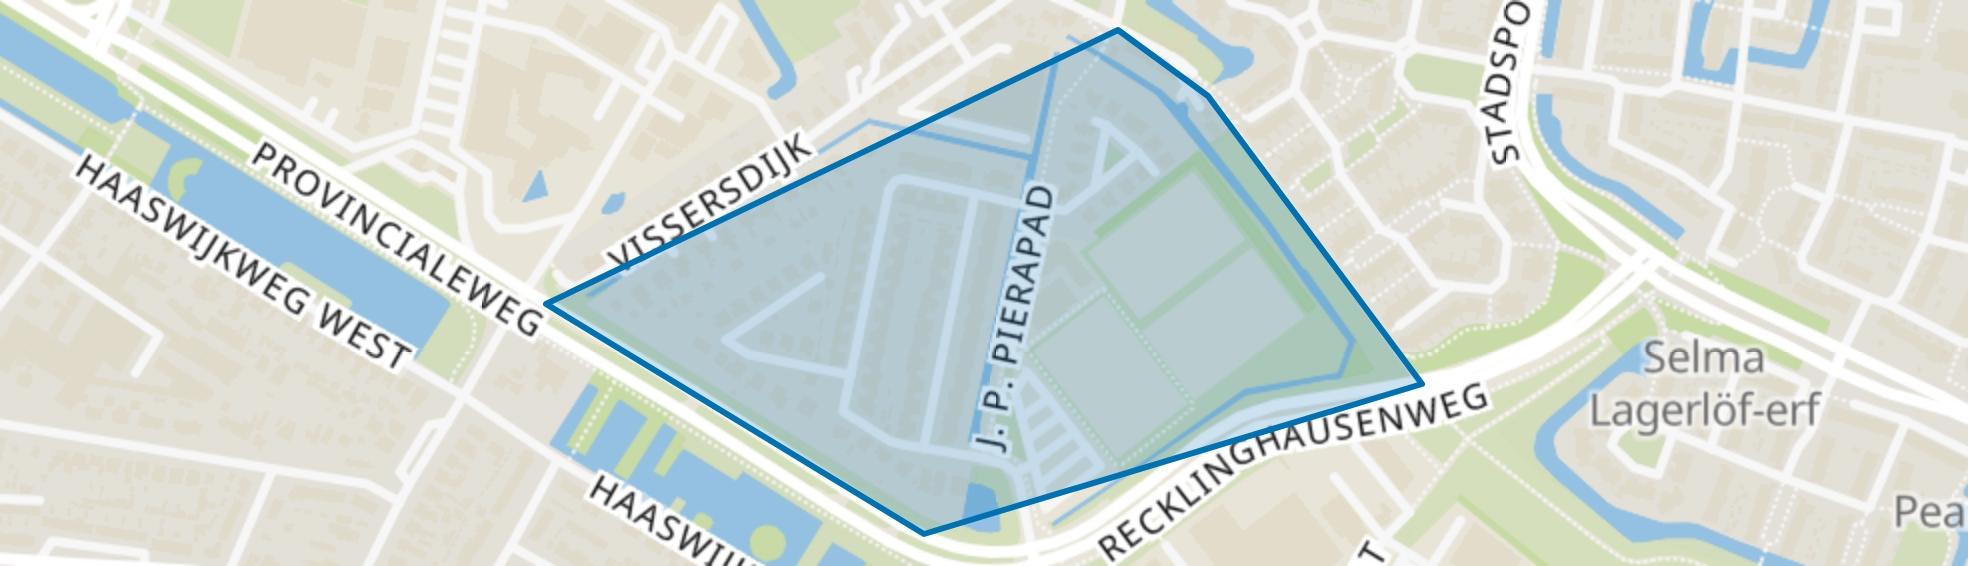 Vissersdijk-Oost, Dordrecht map